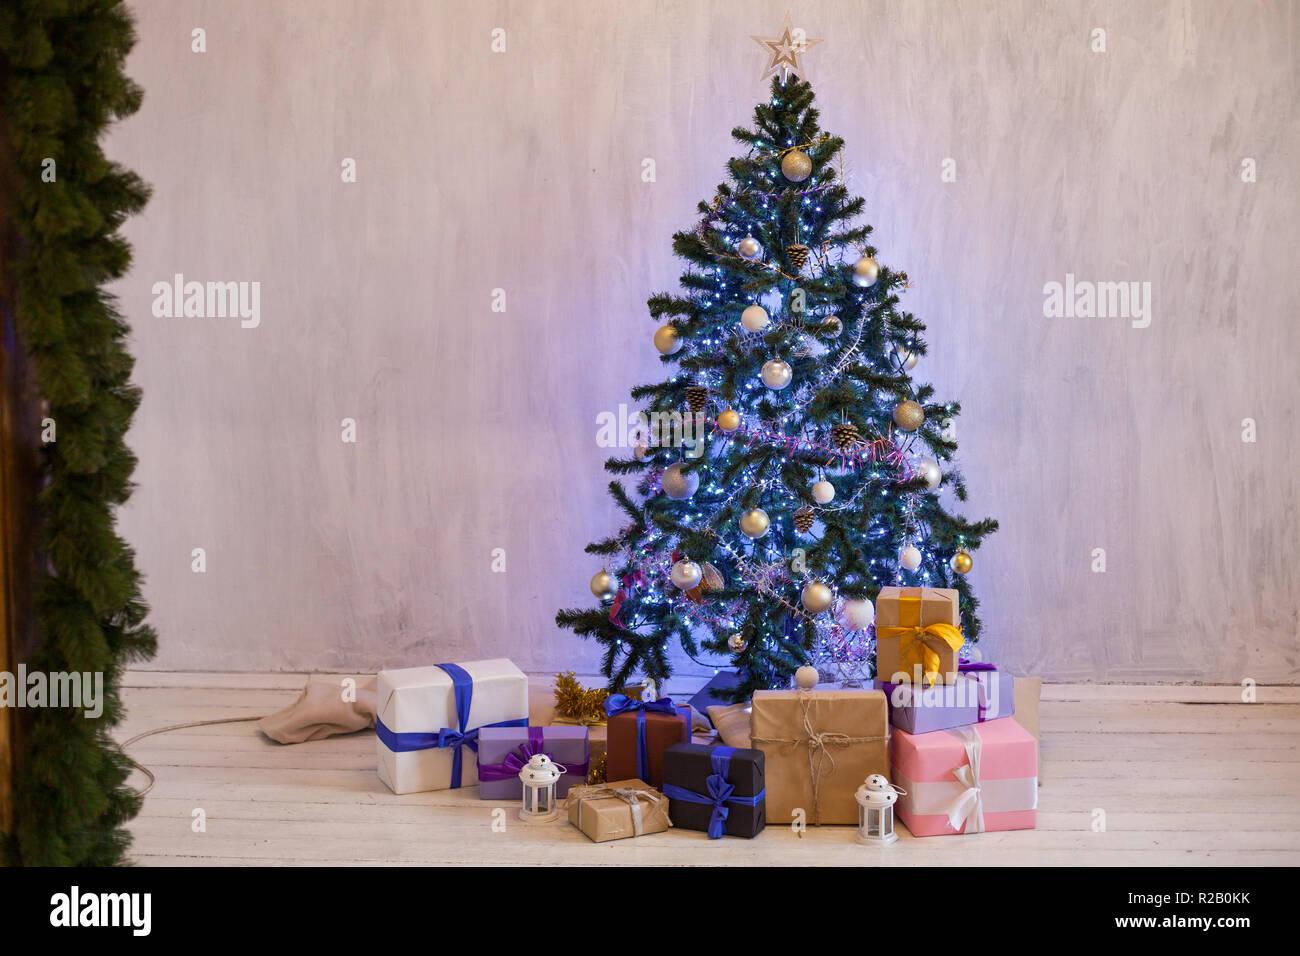 Weihnachtsbaum Girlande.Weihnachten Hintergrund Weihnachtsbaum Girlande Lichter Neujahr